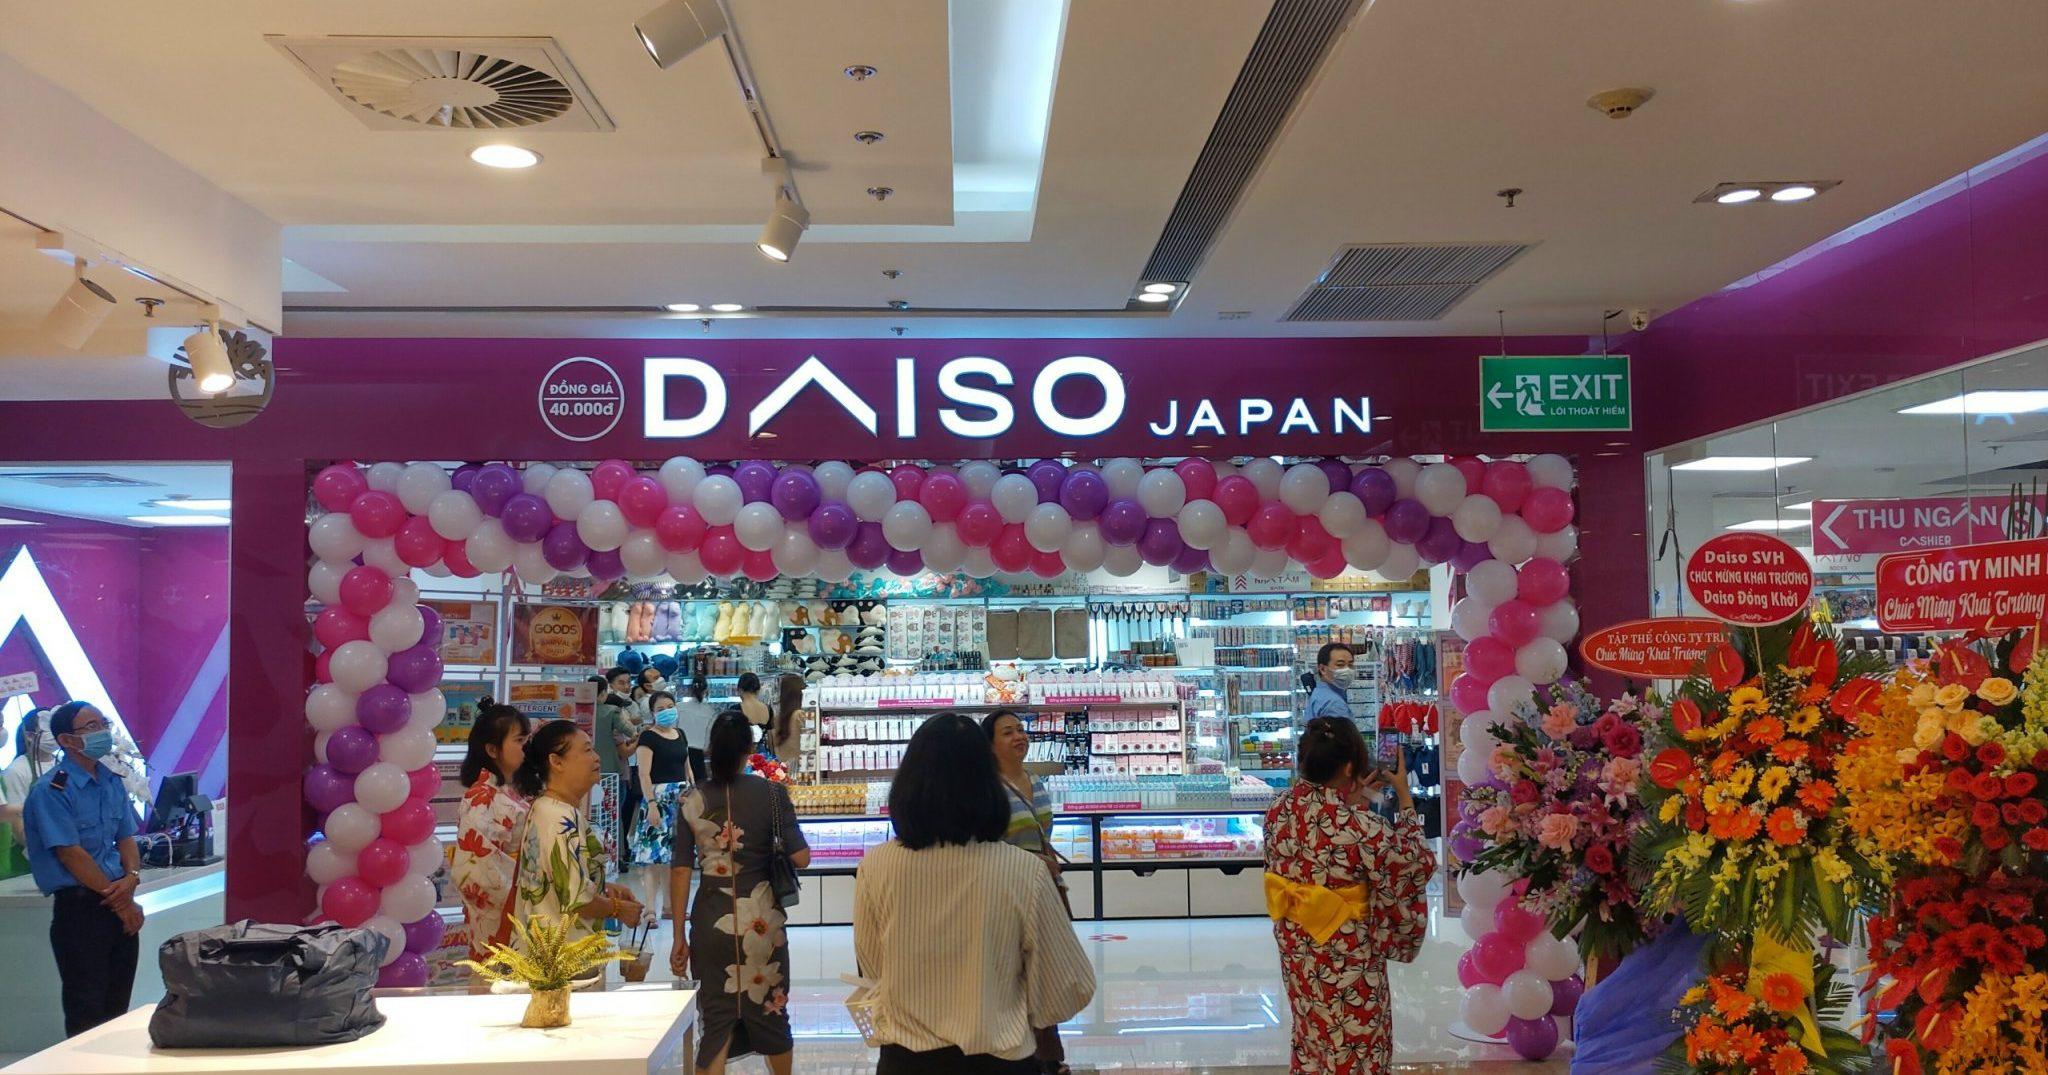 Siêu Thị Đống Giá Daiso Japan